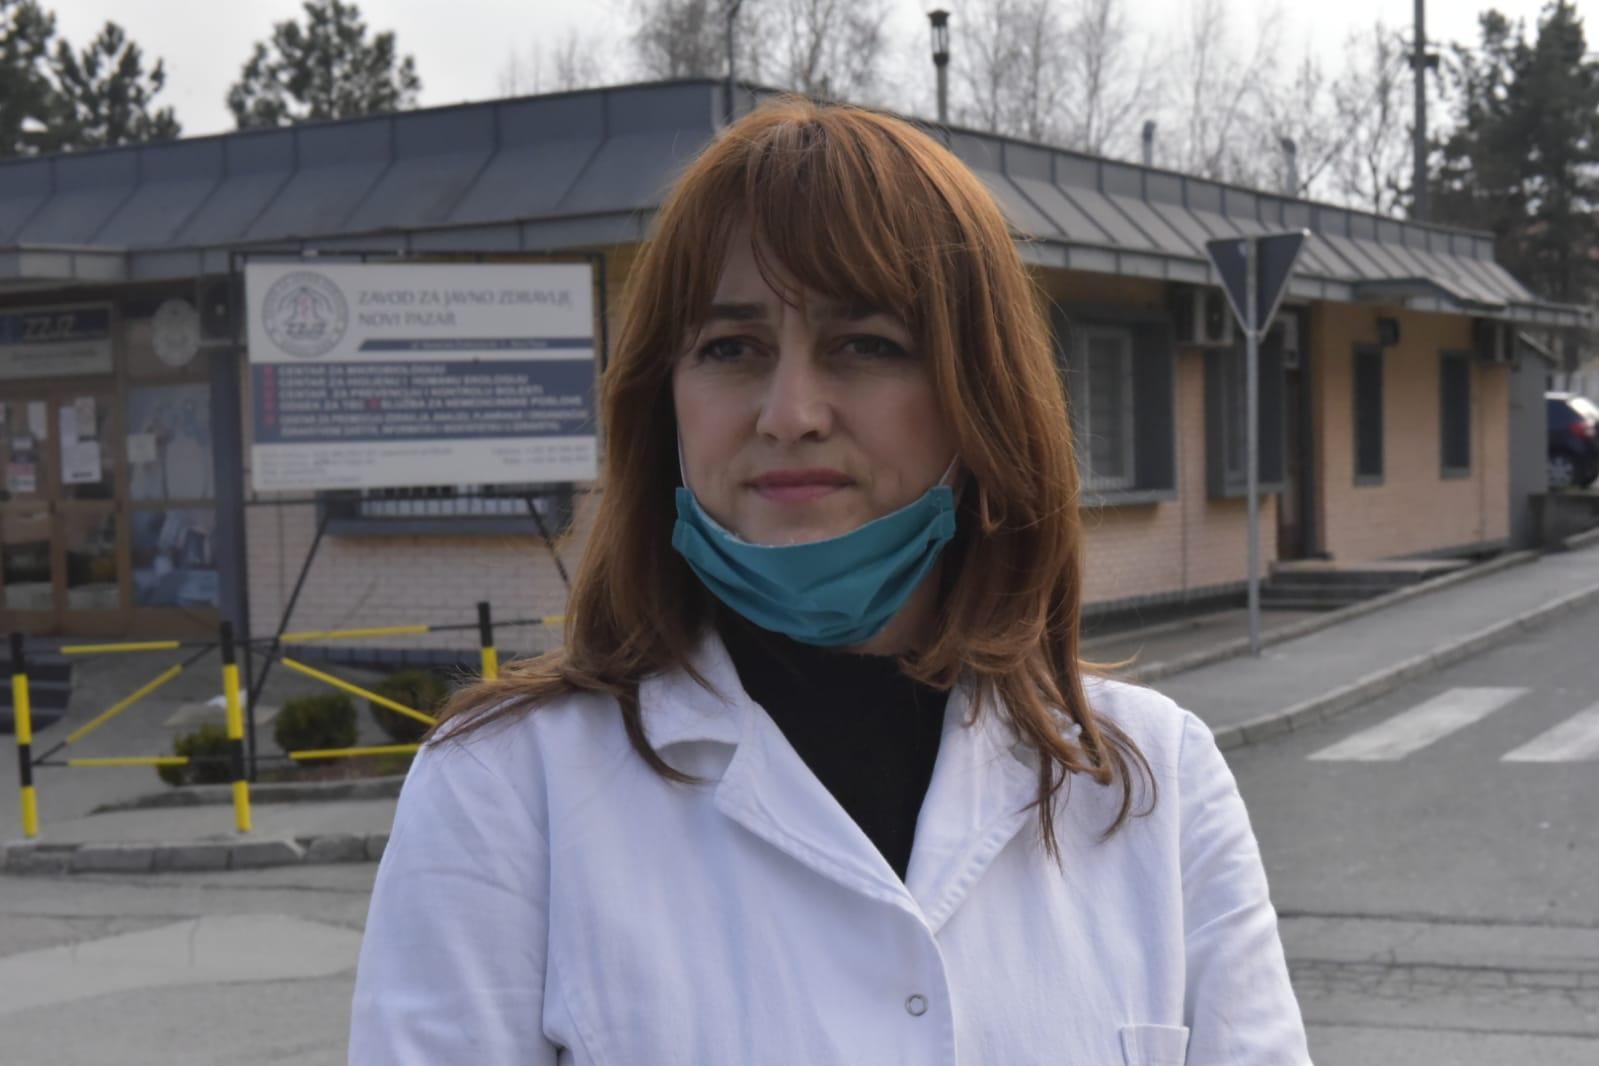 I dalje u Novom Pazaru nema Korona virusa - Sandžak Danas